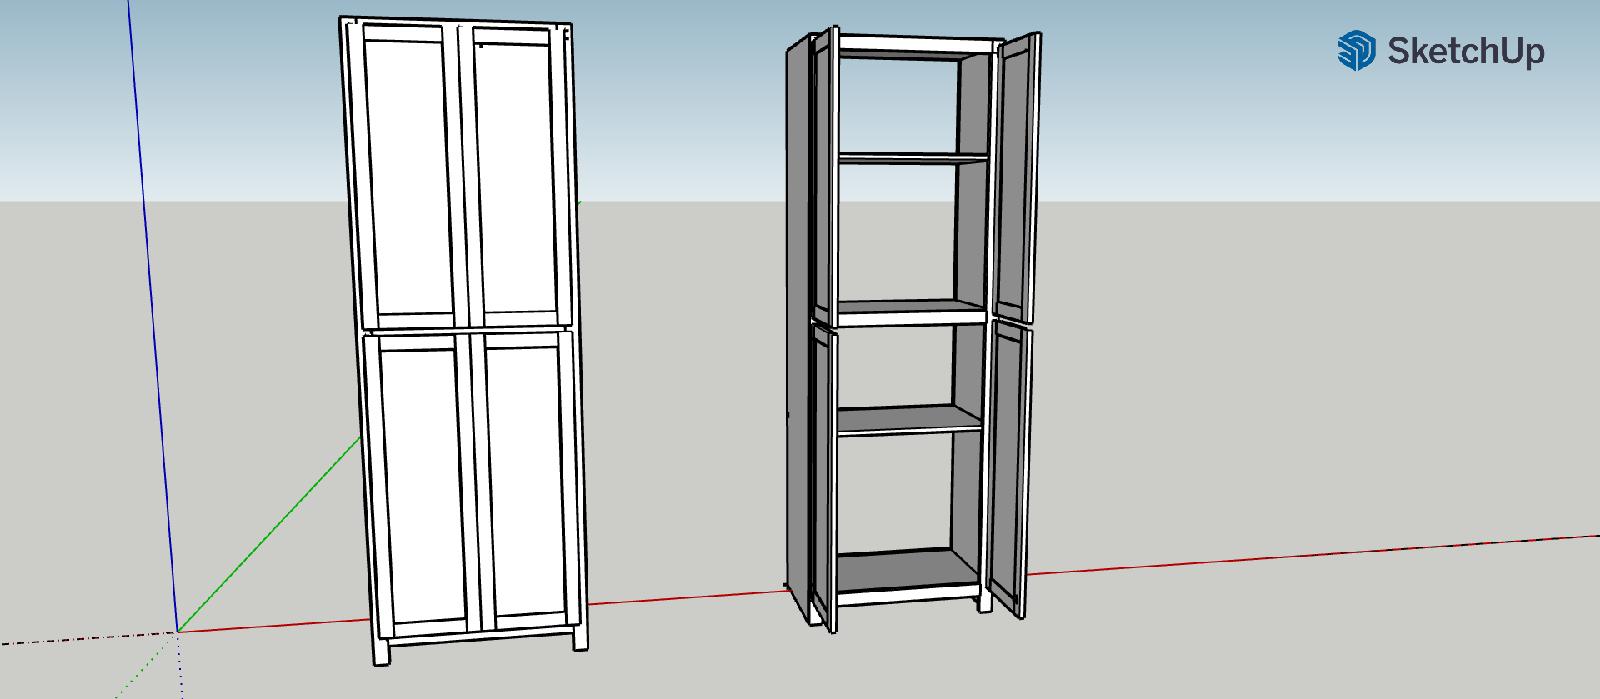 4 door cabinet sketch up